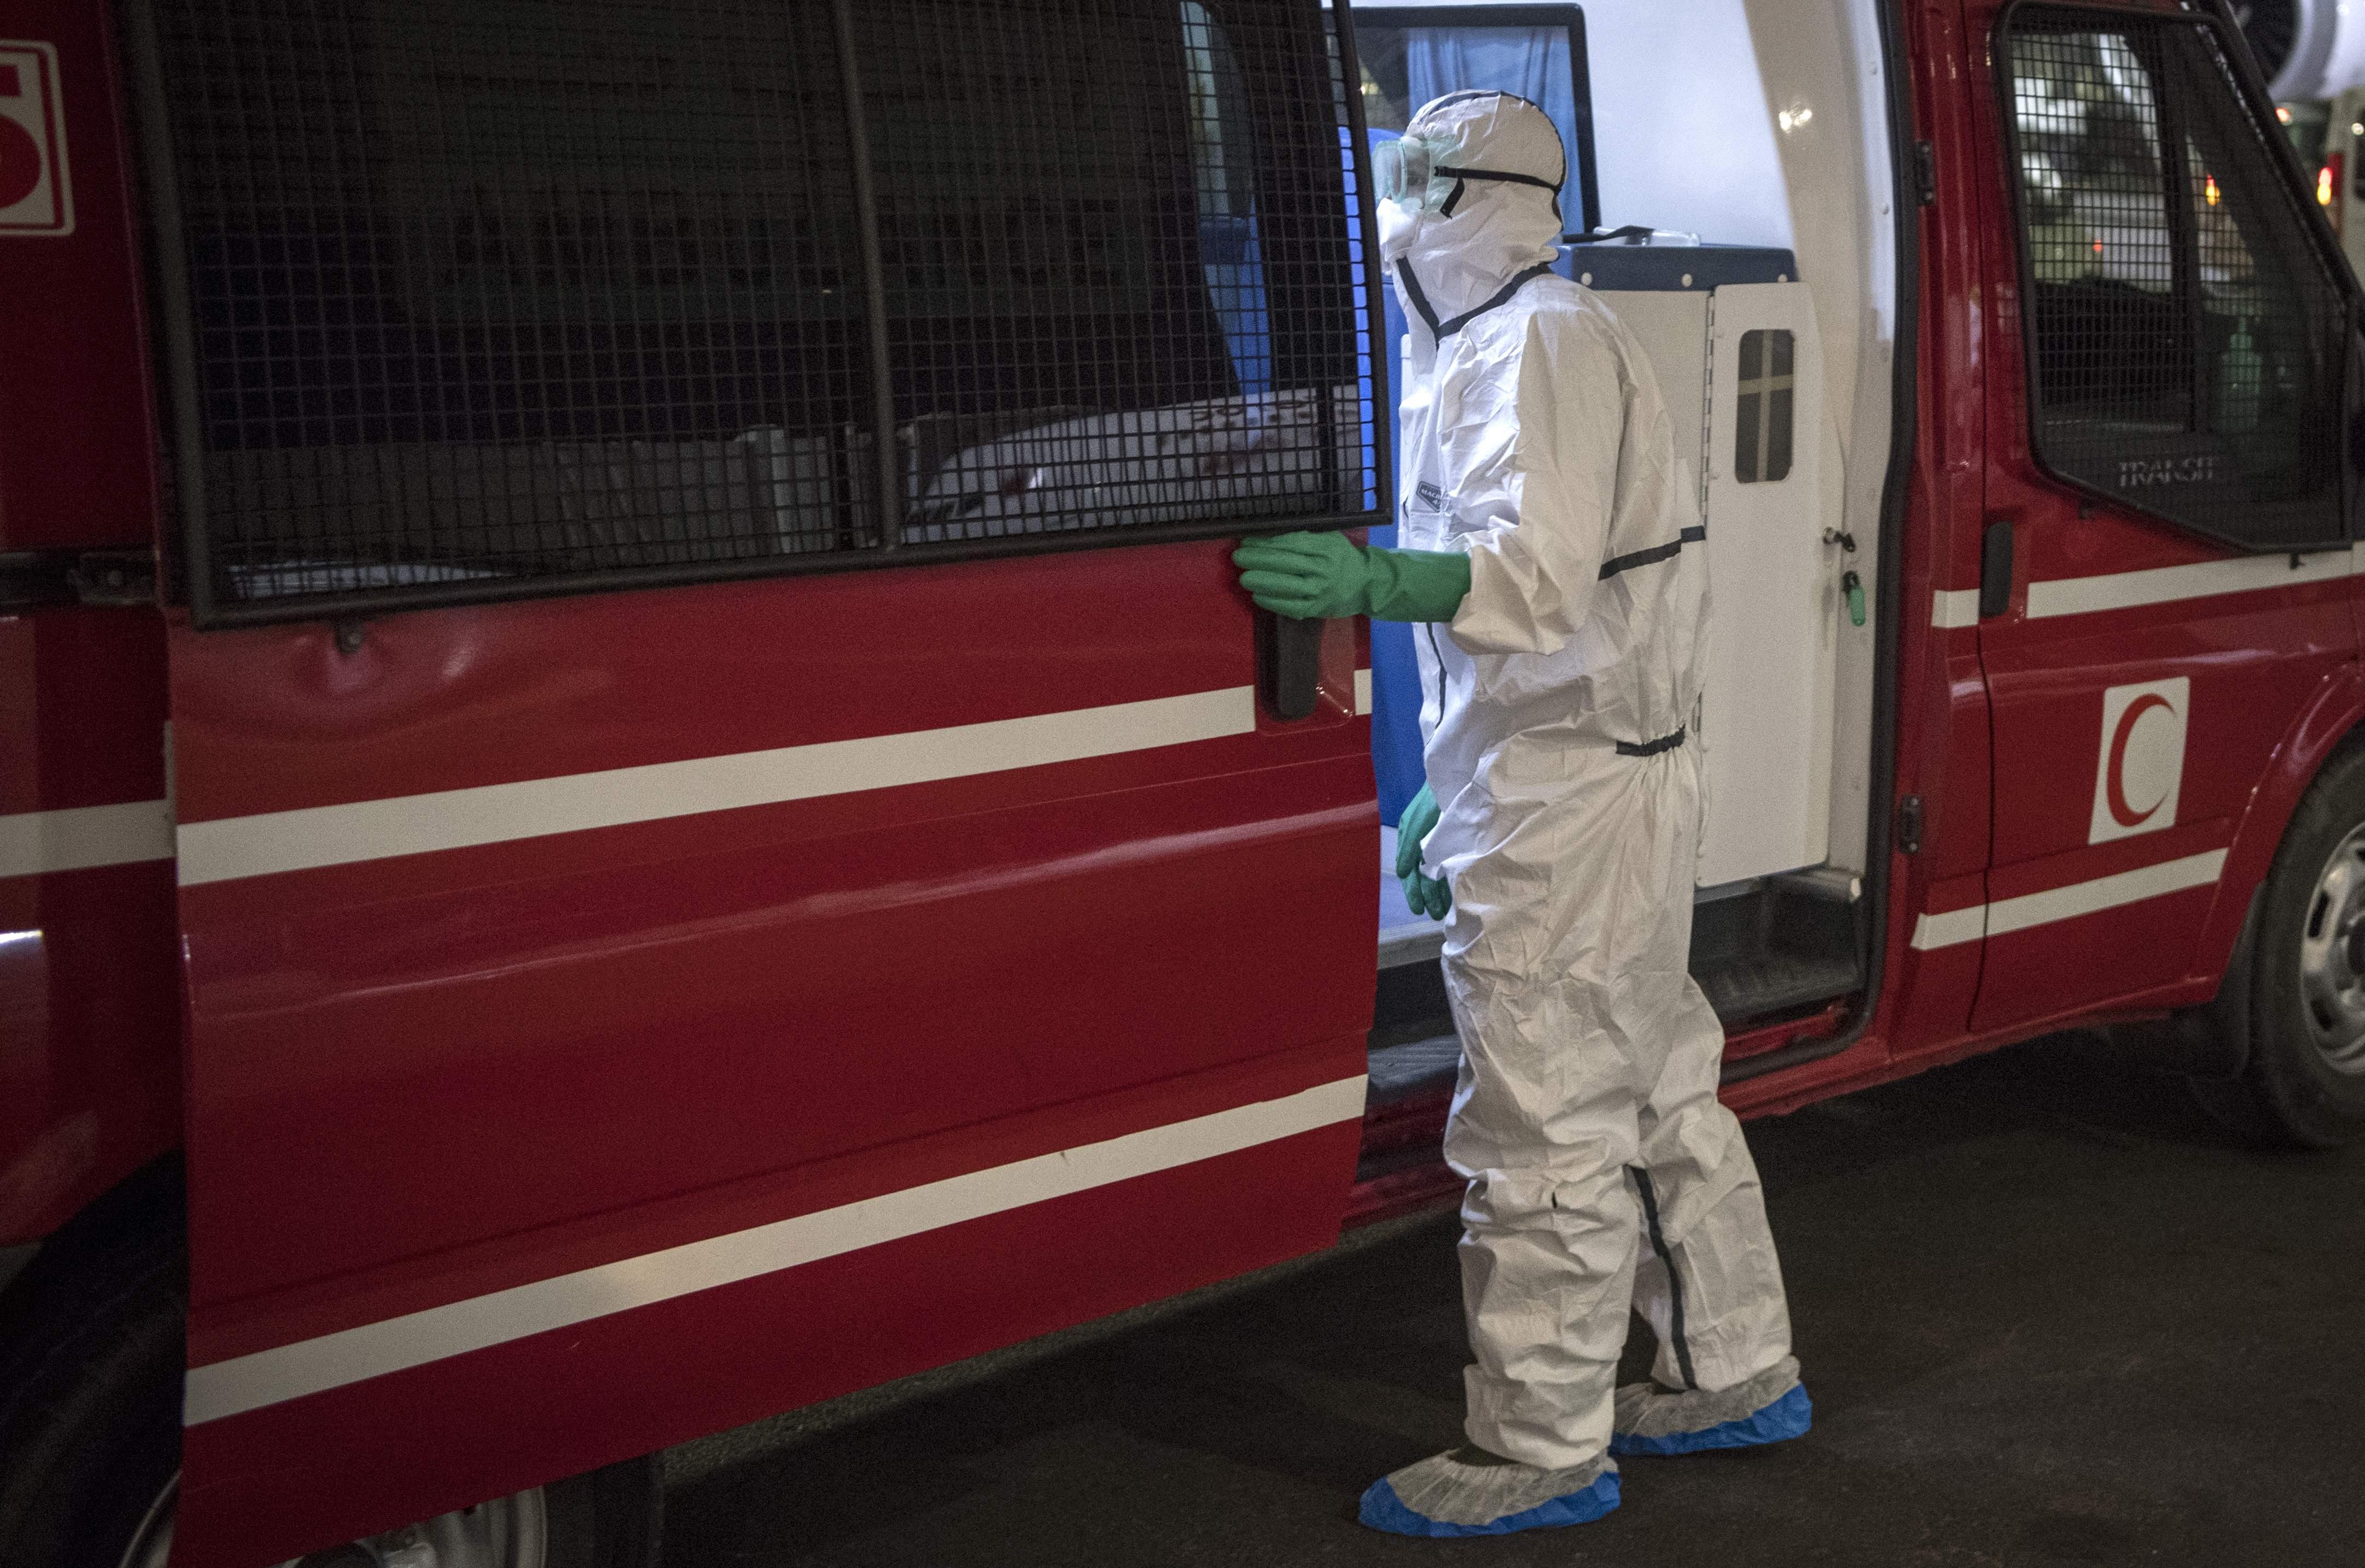 تسجيل 1357 إصابة جديدة مؤكدة بـفيروس كورونا في المغرب خلال 24 ساعة الماضية